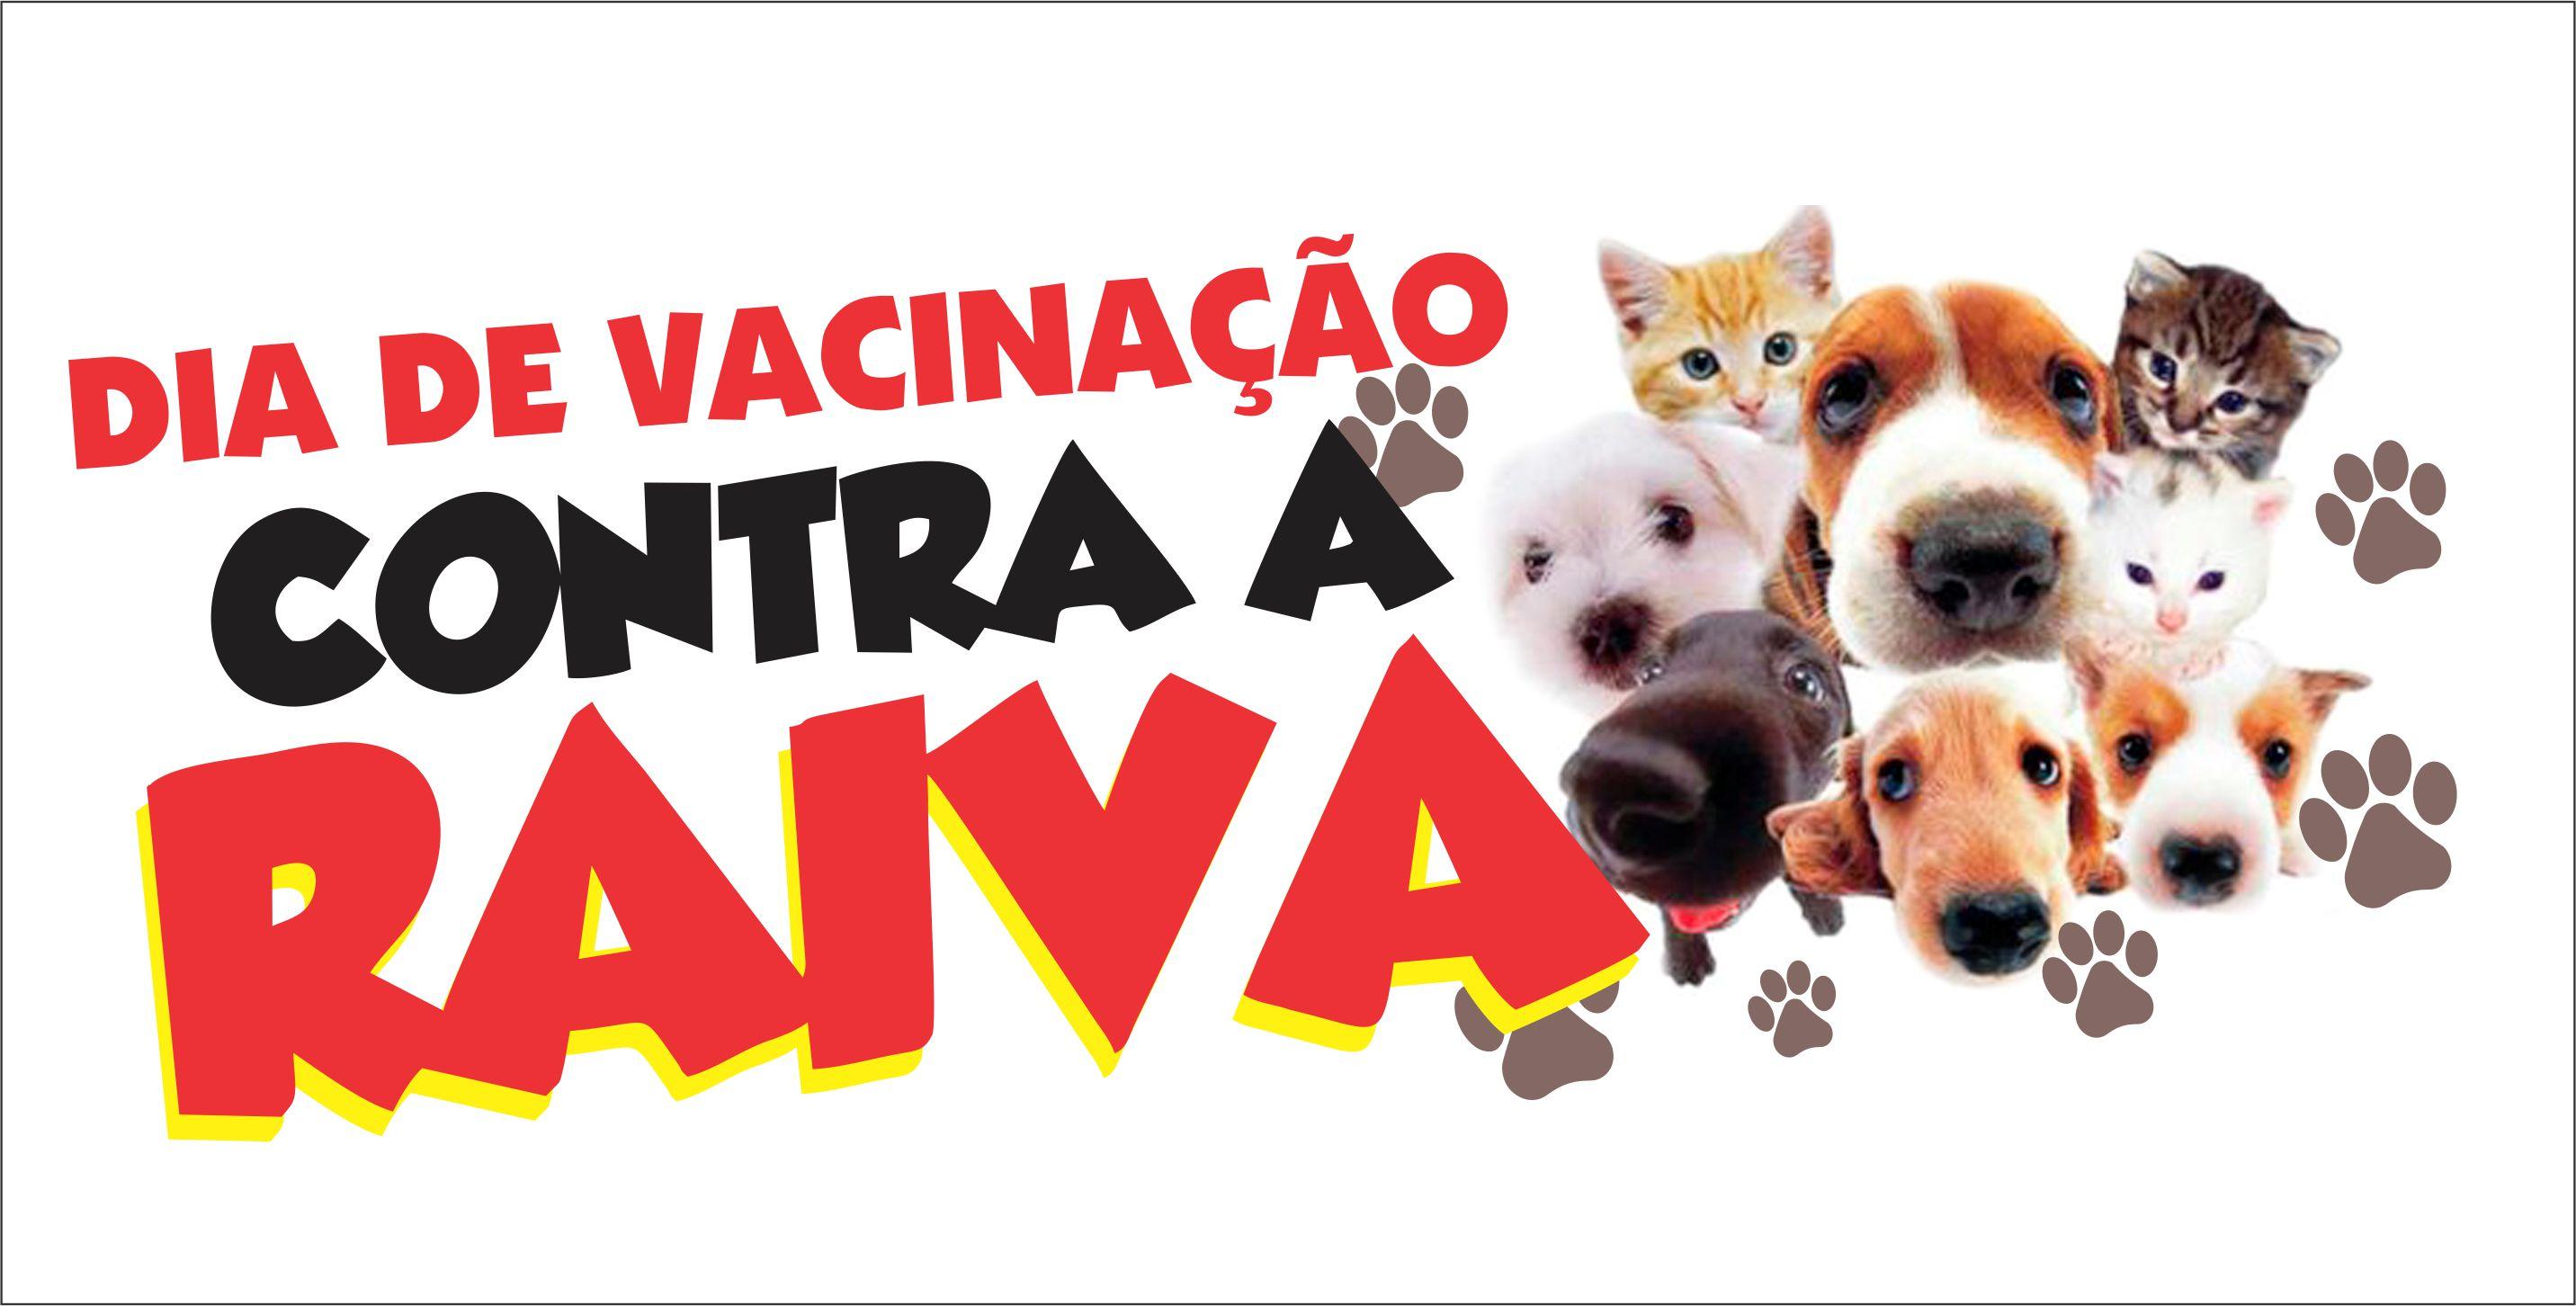 Alvorada do Oeste - Divisão de vigilância realizará vacinação contra raiva para cães e gatos